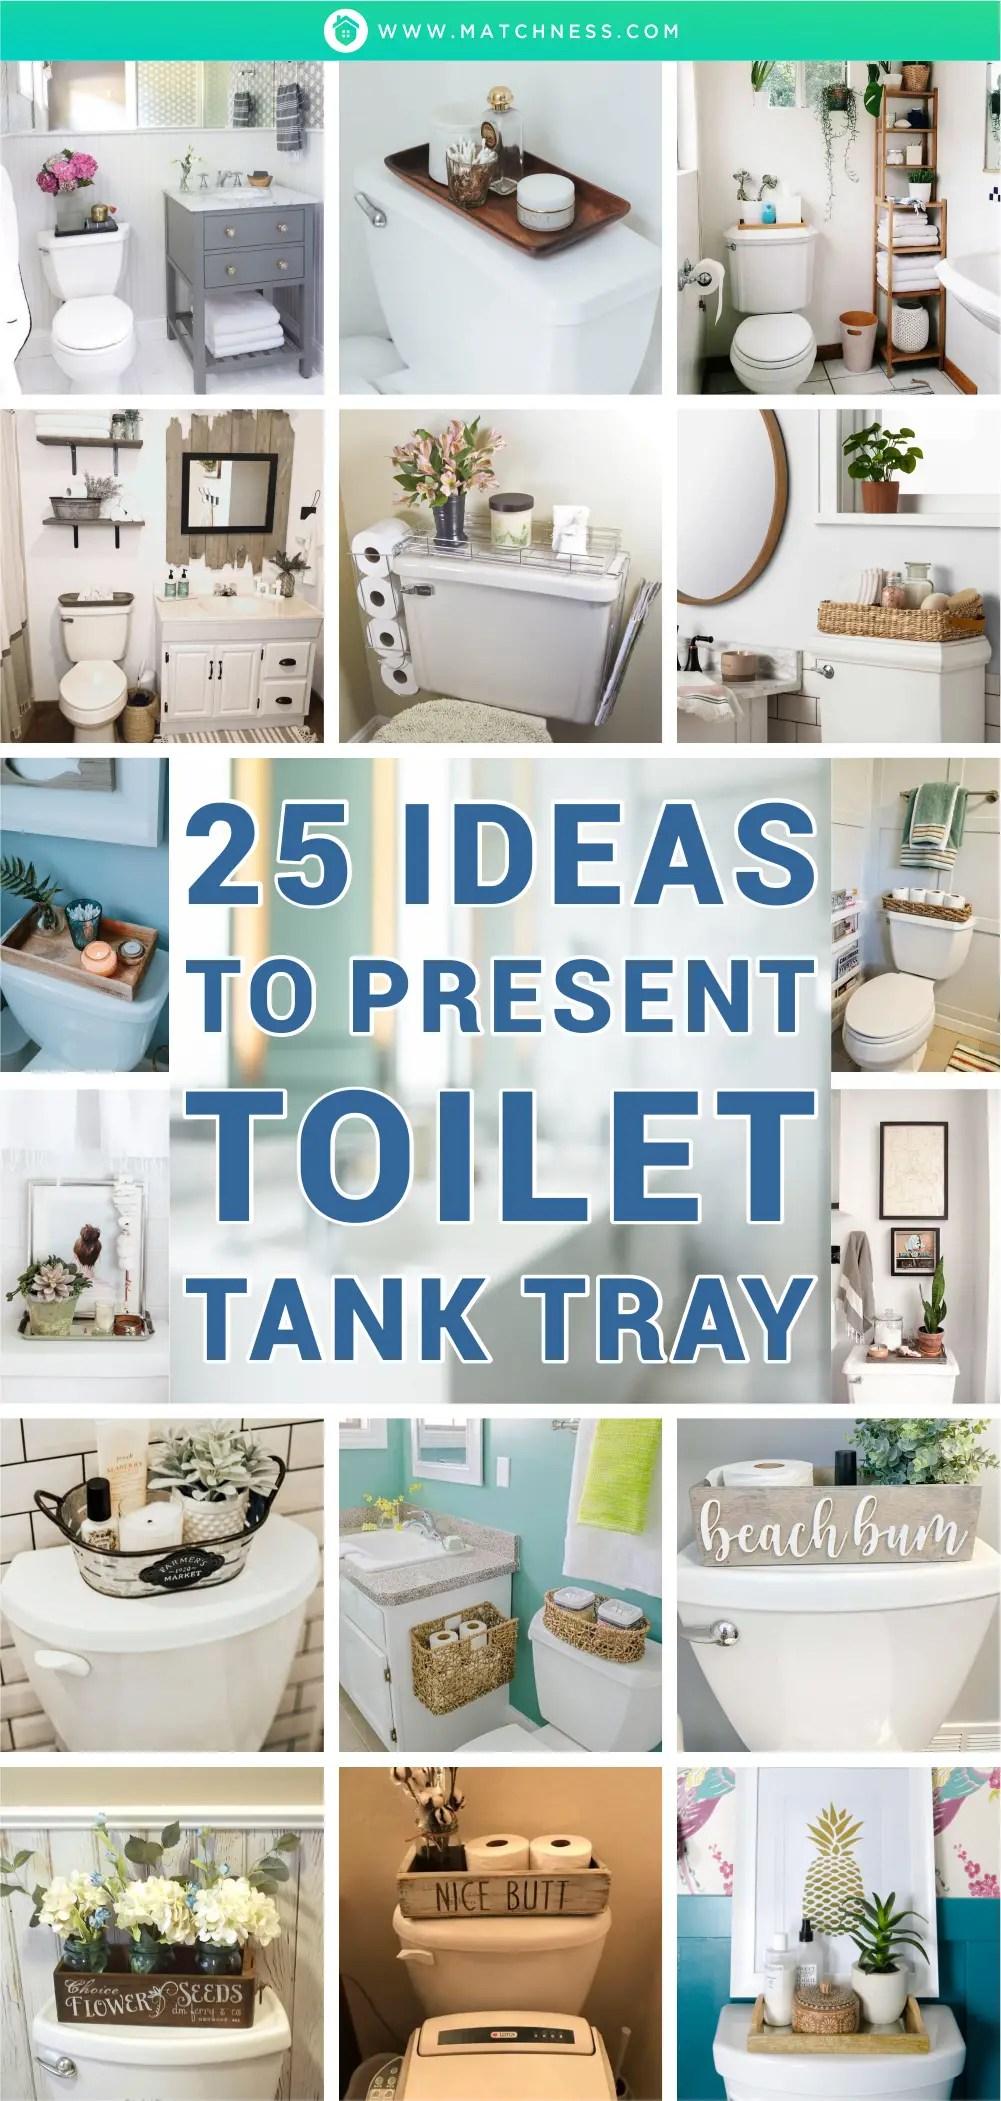 25-ideas-to-present-toilet-tank-tray1